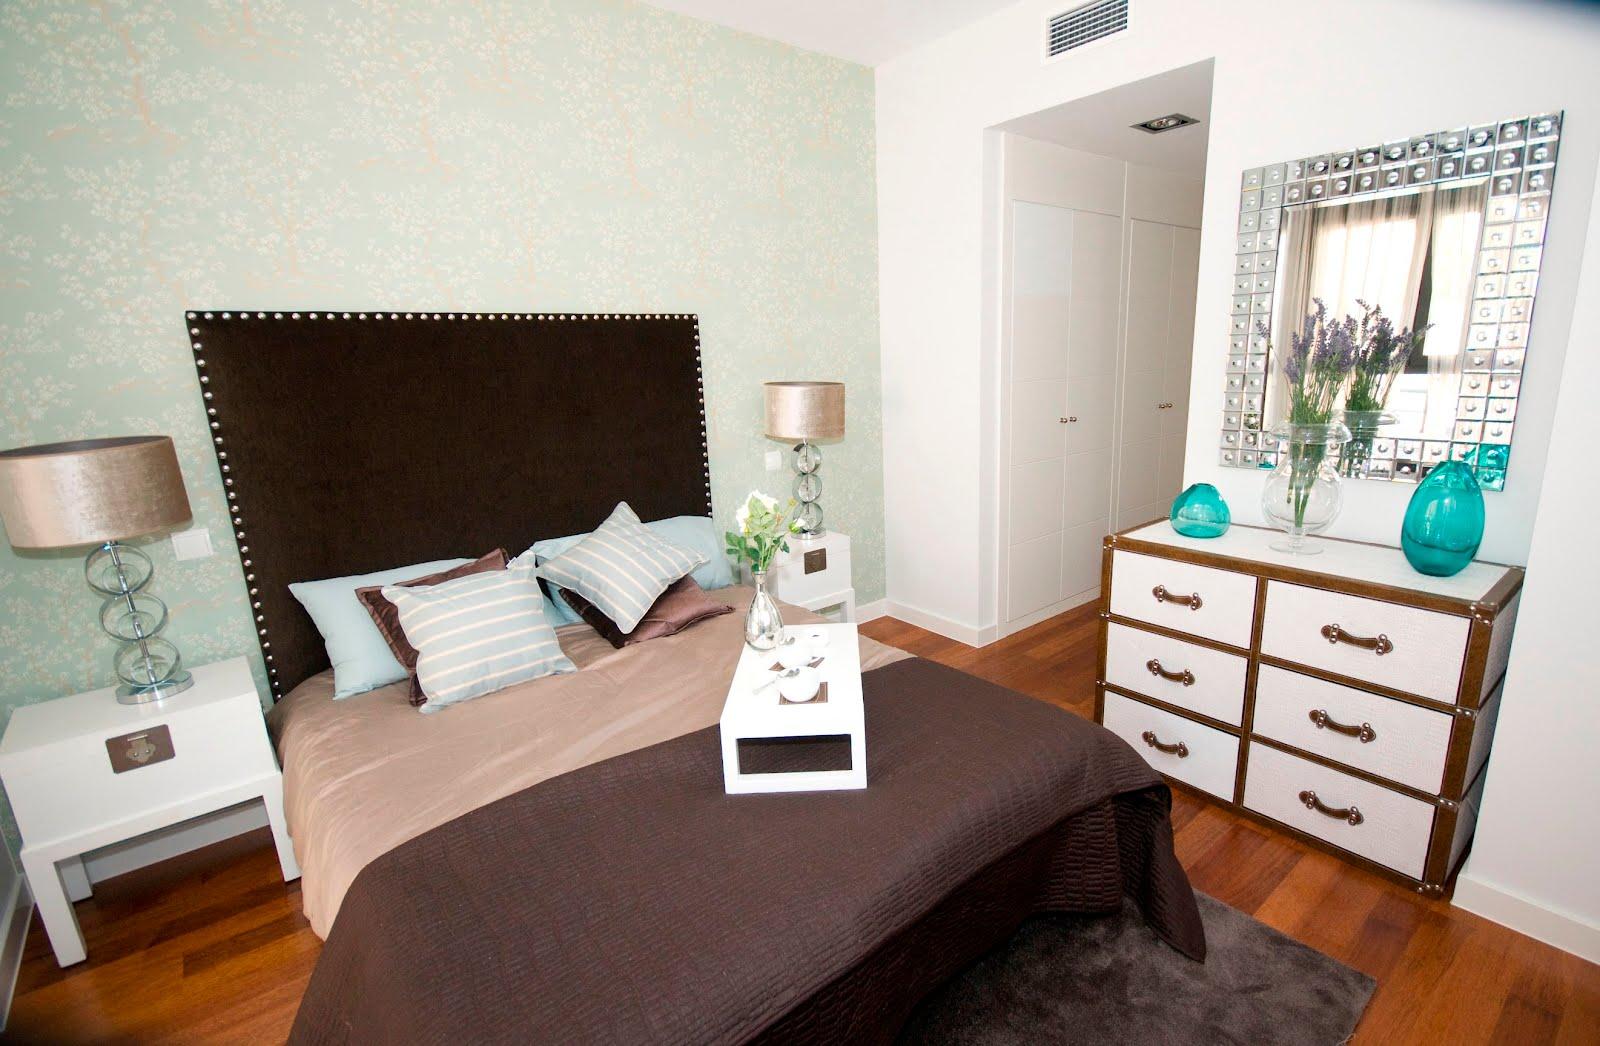 Tende Per Finestre Piccole Bagno : Tende camera da letto idee ...